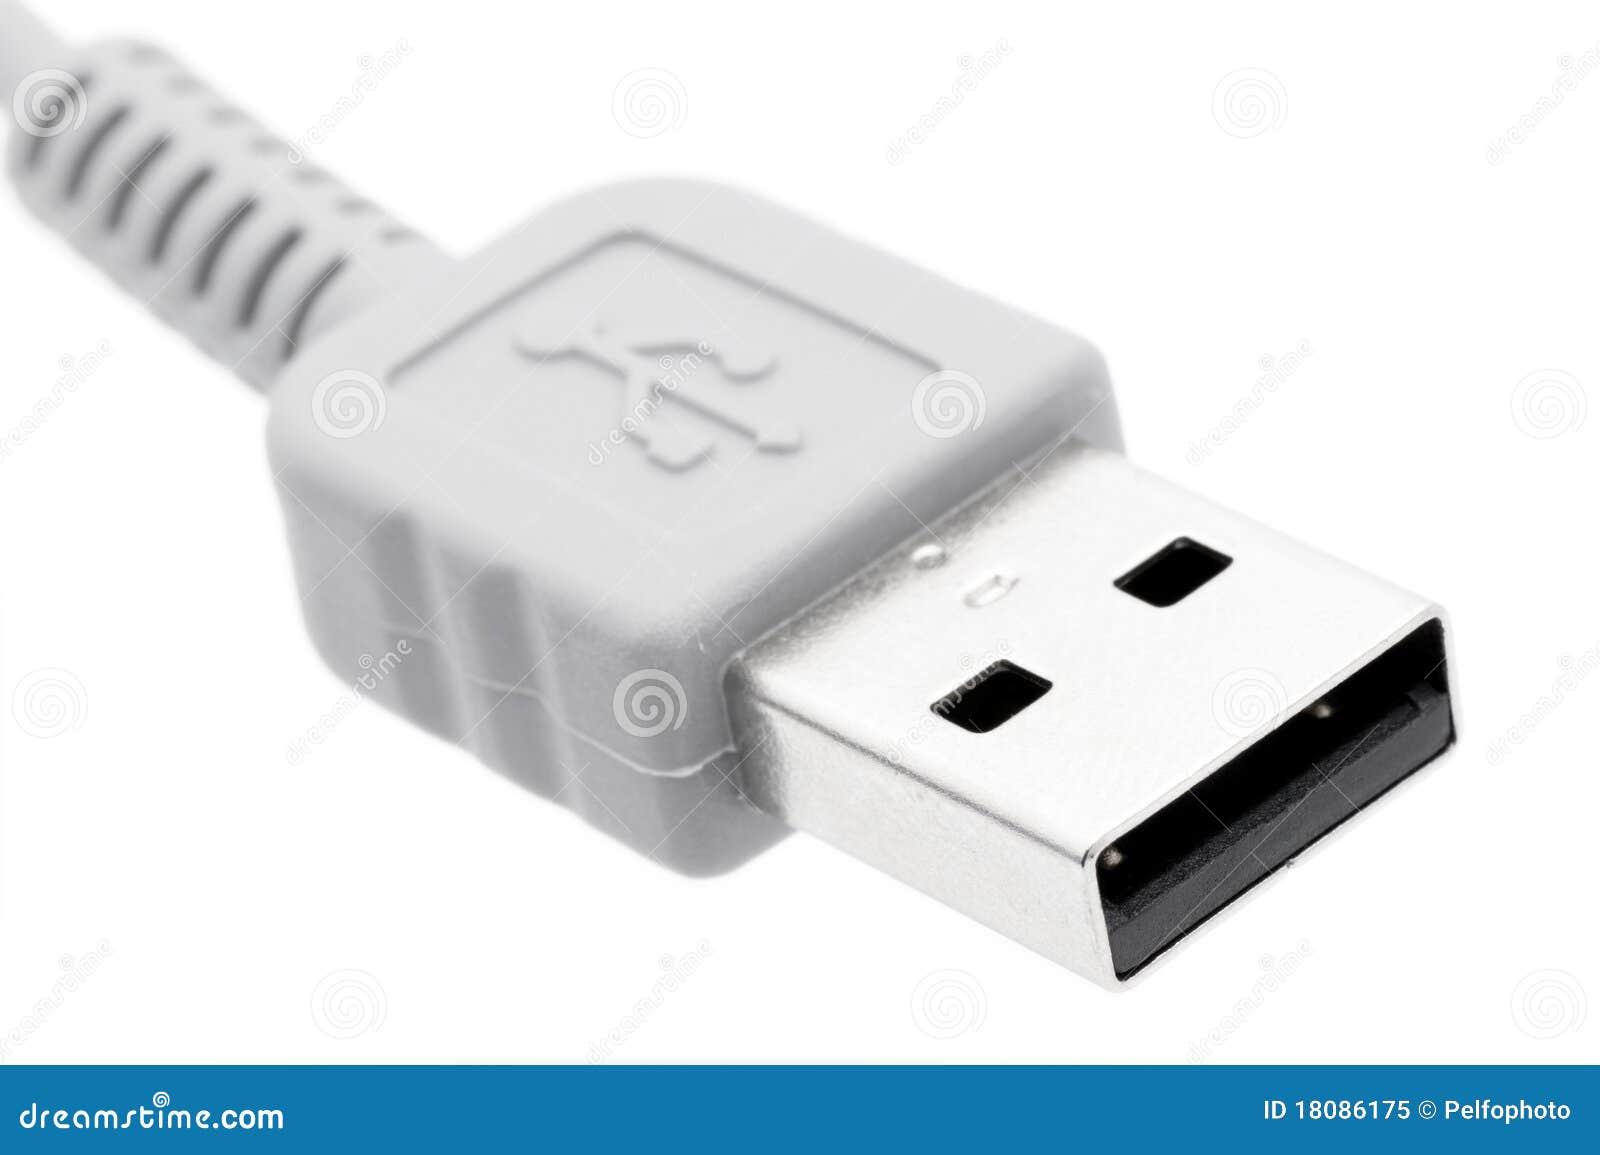 De kabel van de computer USB.